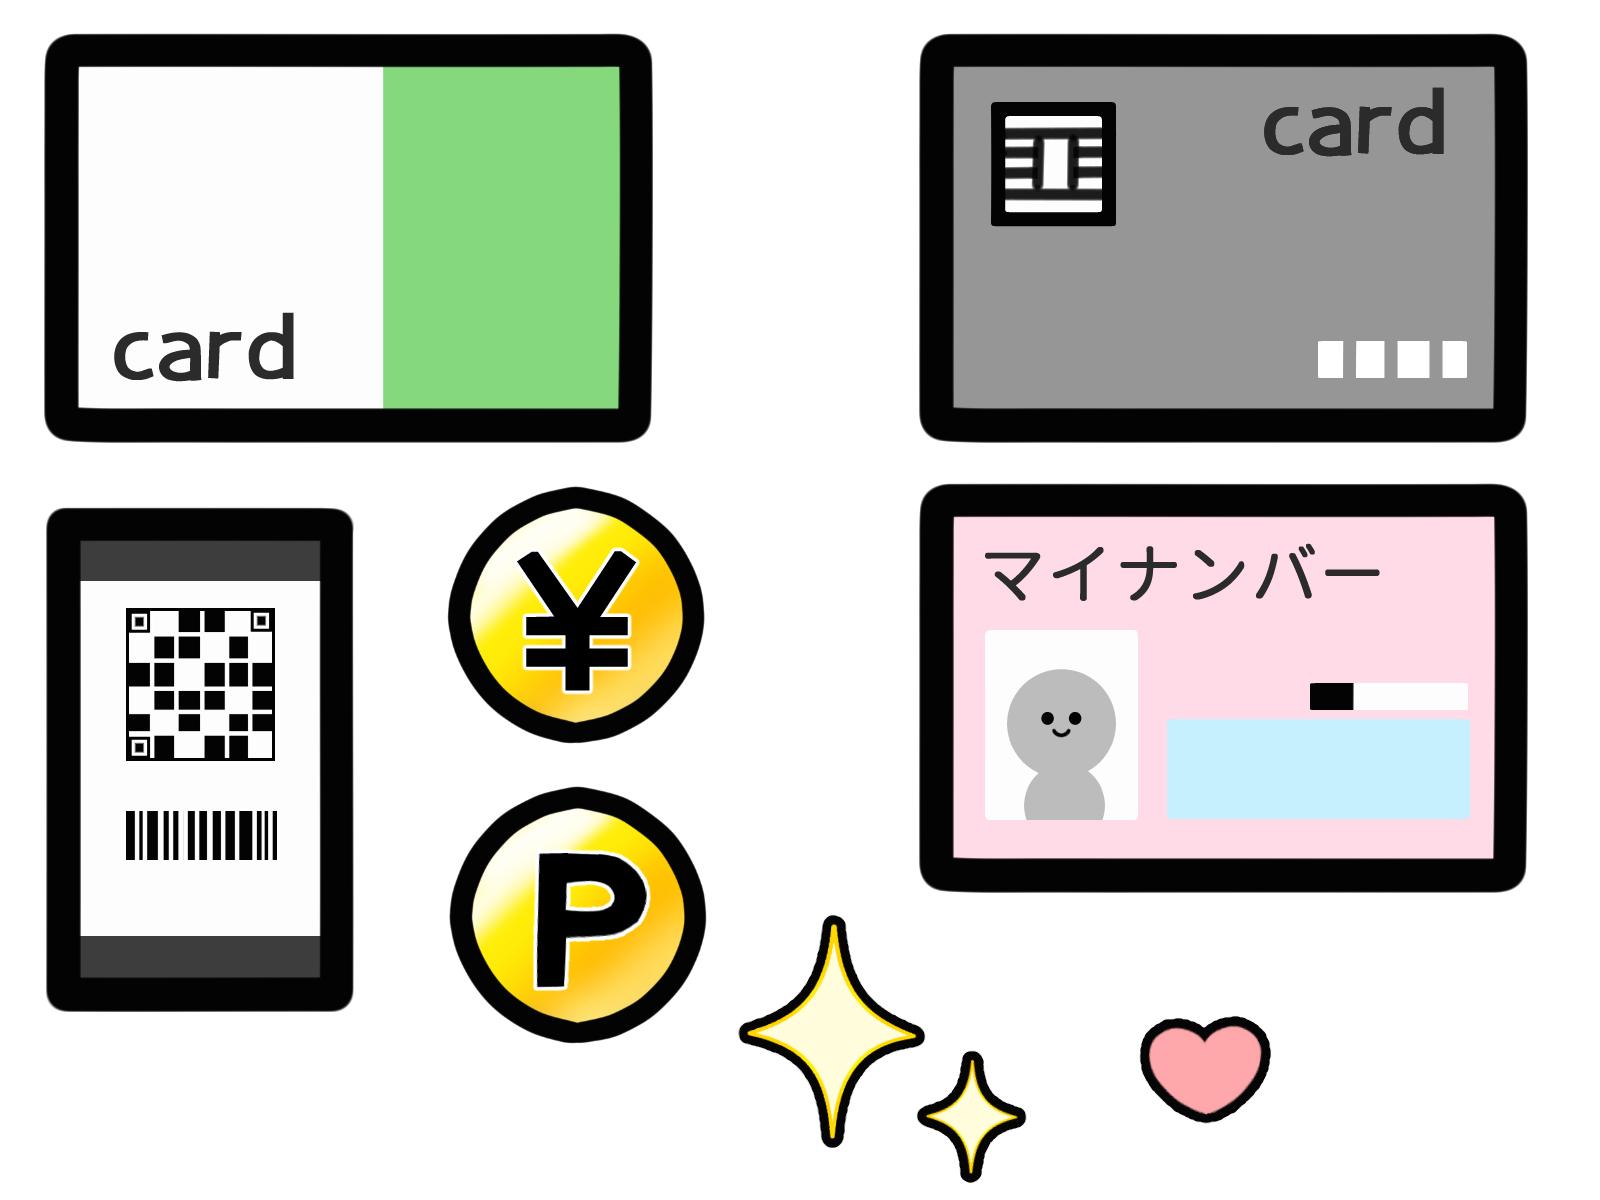 【必読!】マイナポイントはwaonが滋賀県応援ポイントの中で最も上乗せされお得!だが注意点は?